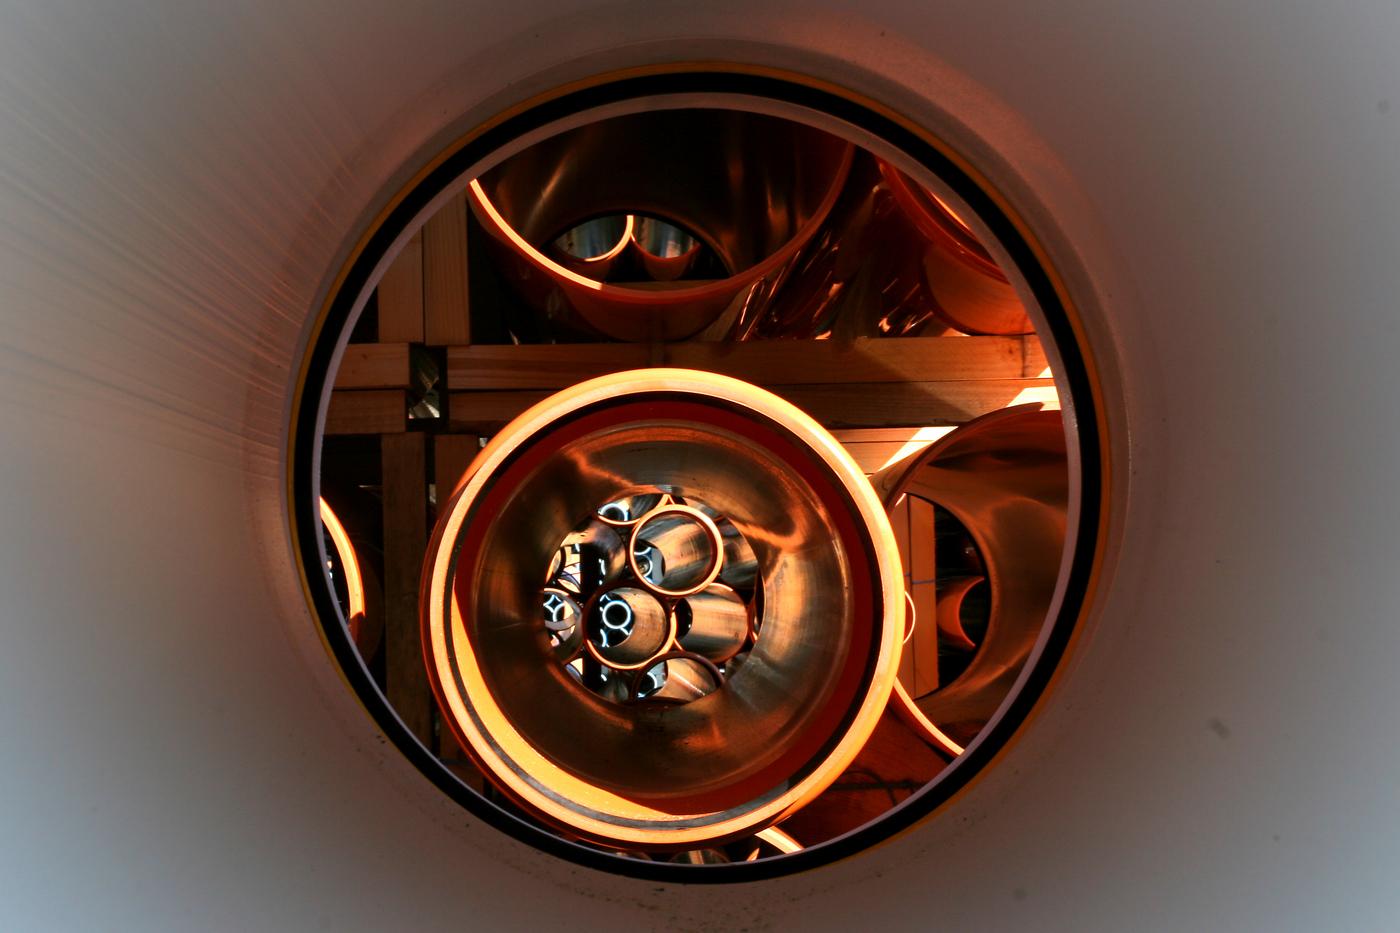 Durch ein Rohr durchfotografiert mit Blick auf weitere Rohre